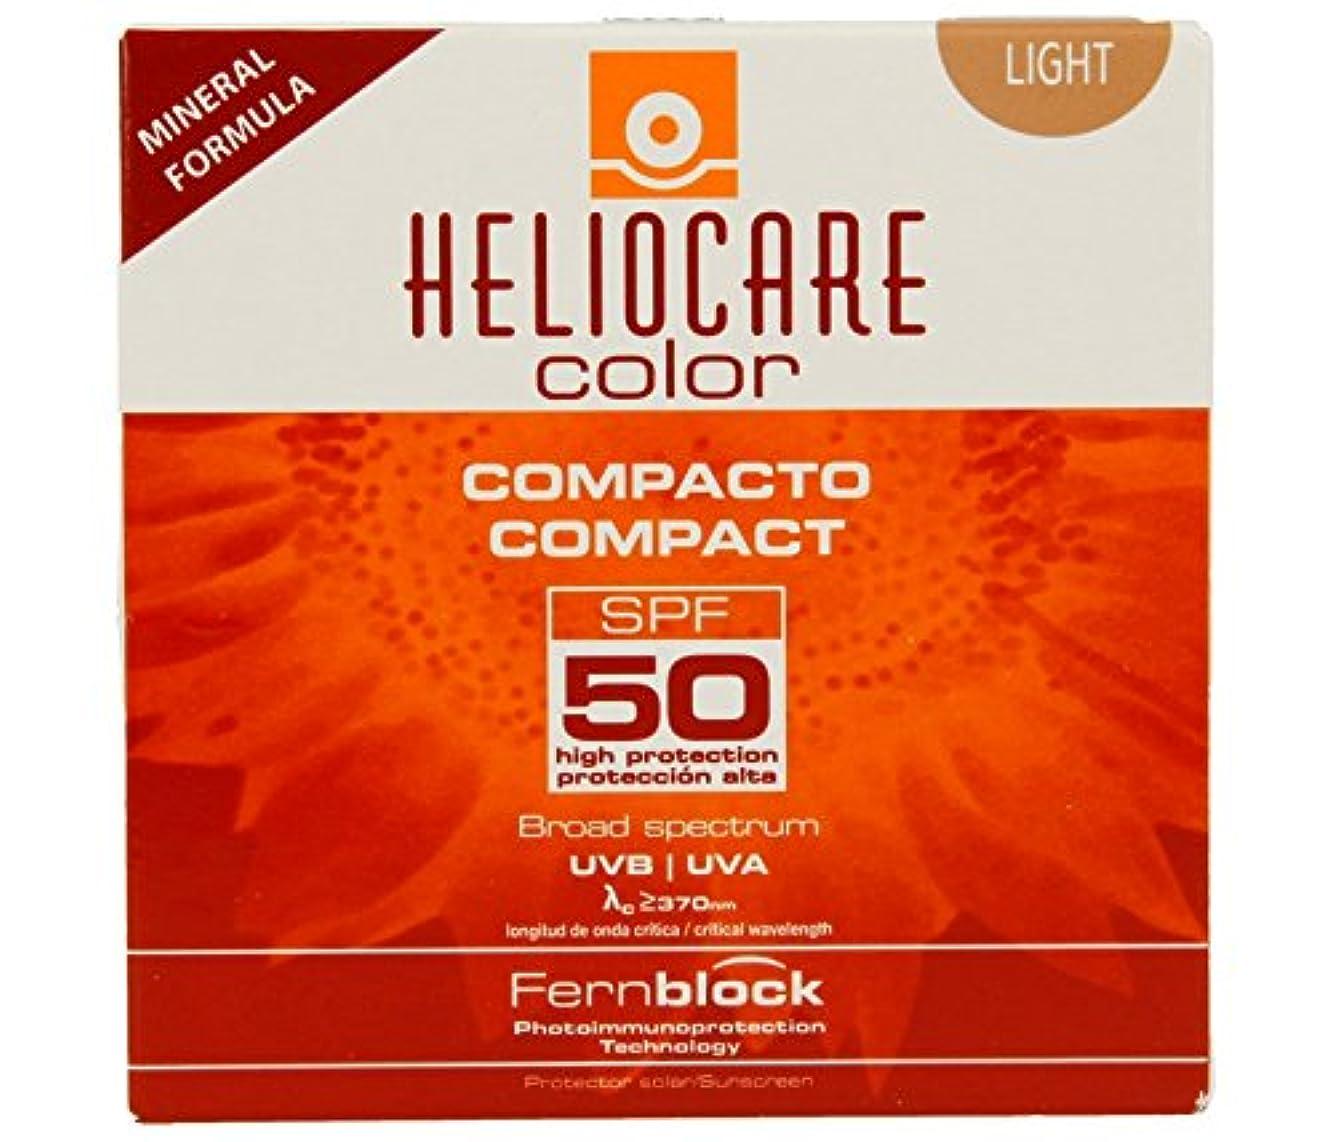 紳士飼いならす博物館Heliocare 50コンパクトパウダーカラーライト10グラム